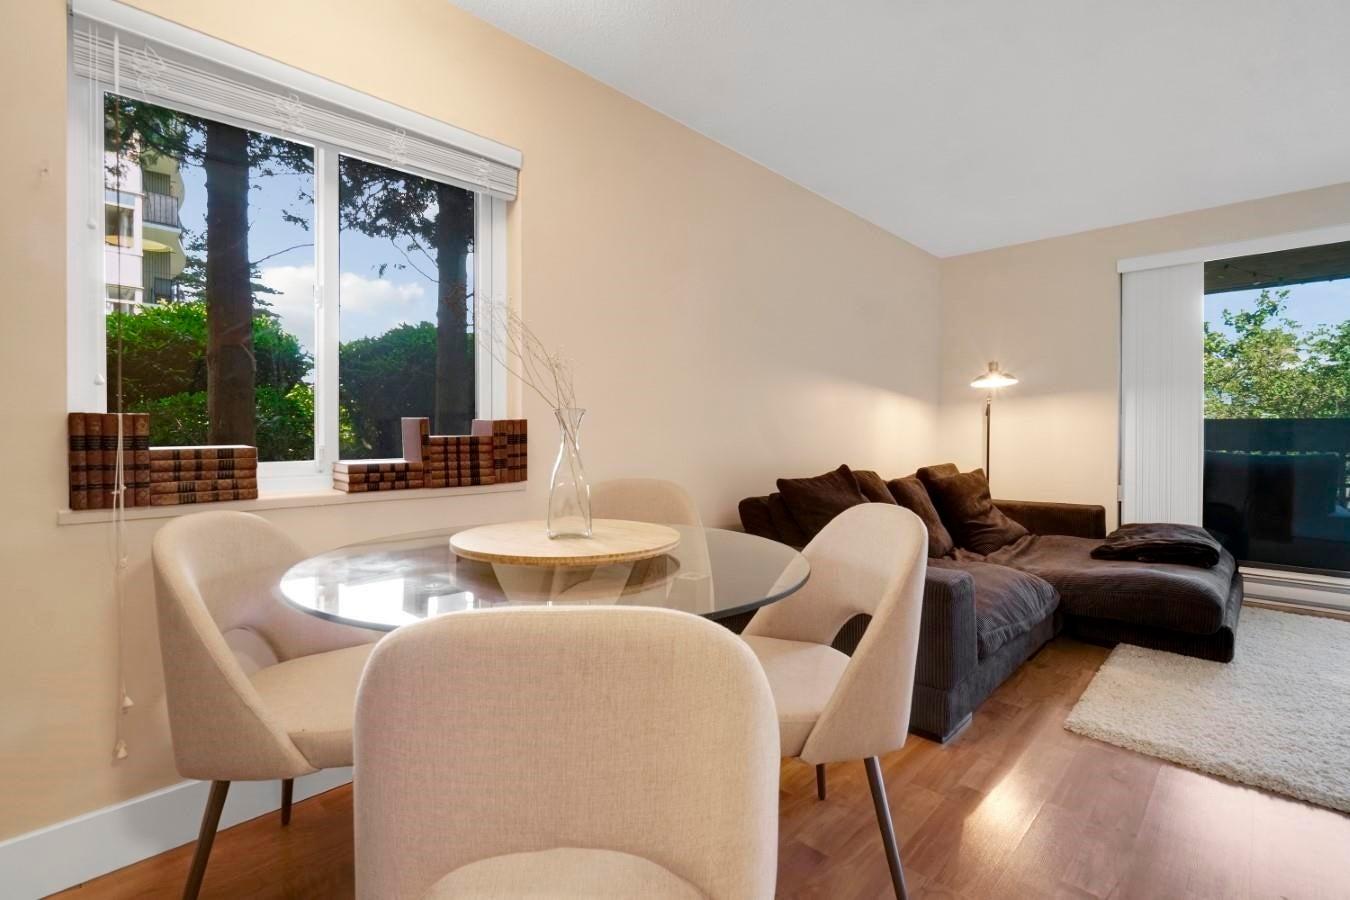 102 2458 YORK AVENUE - Kitsilano Apartment/Condo for sale, 1 Bedroom (R2625982)